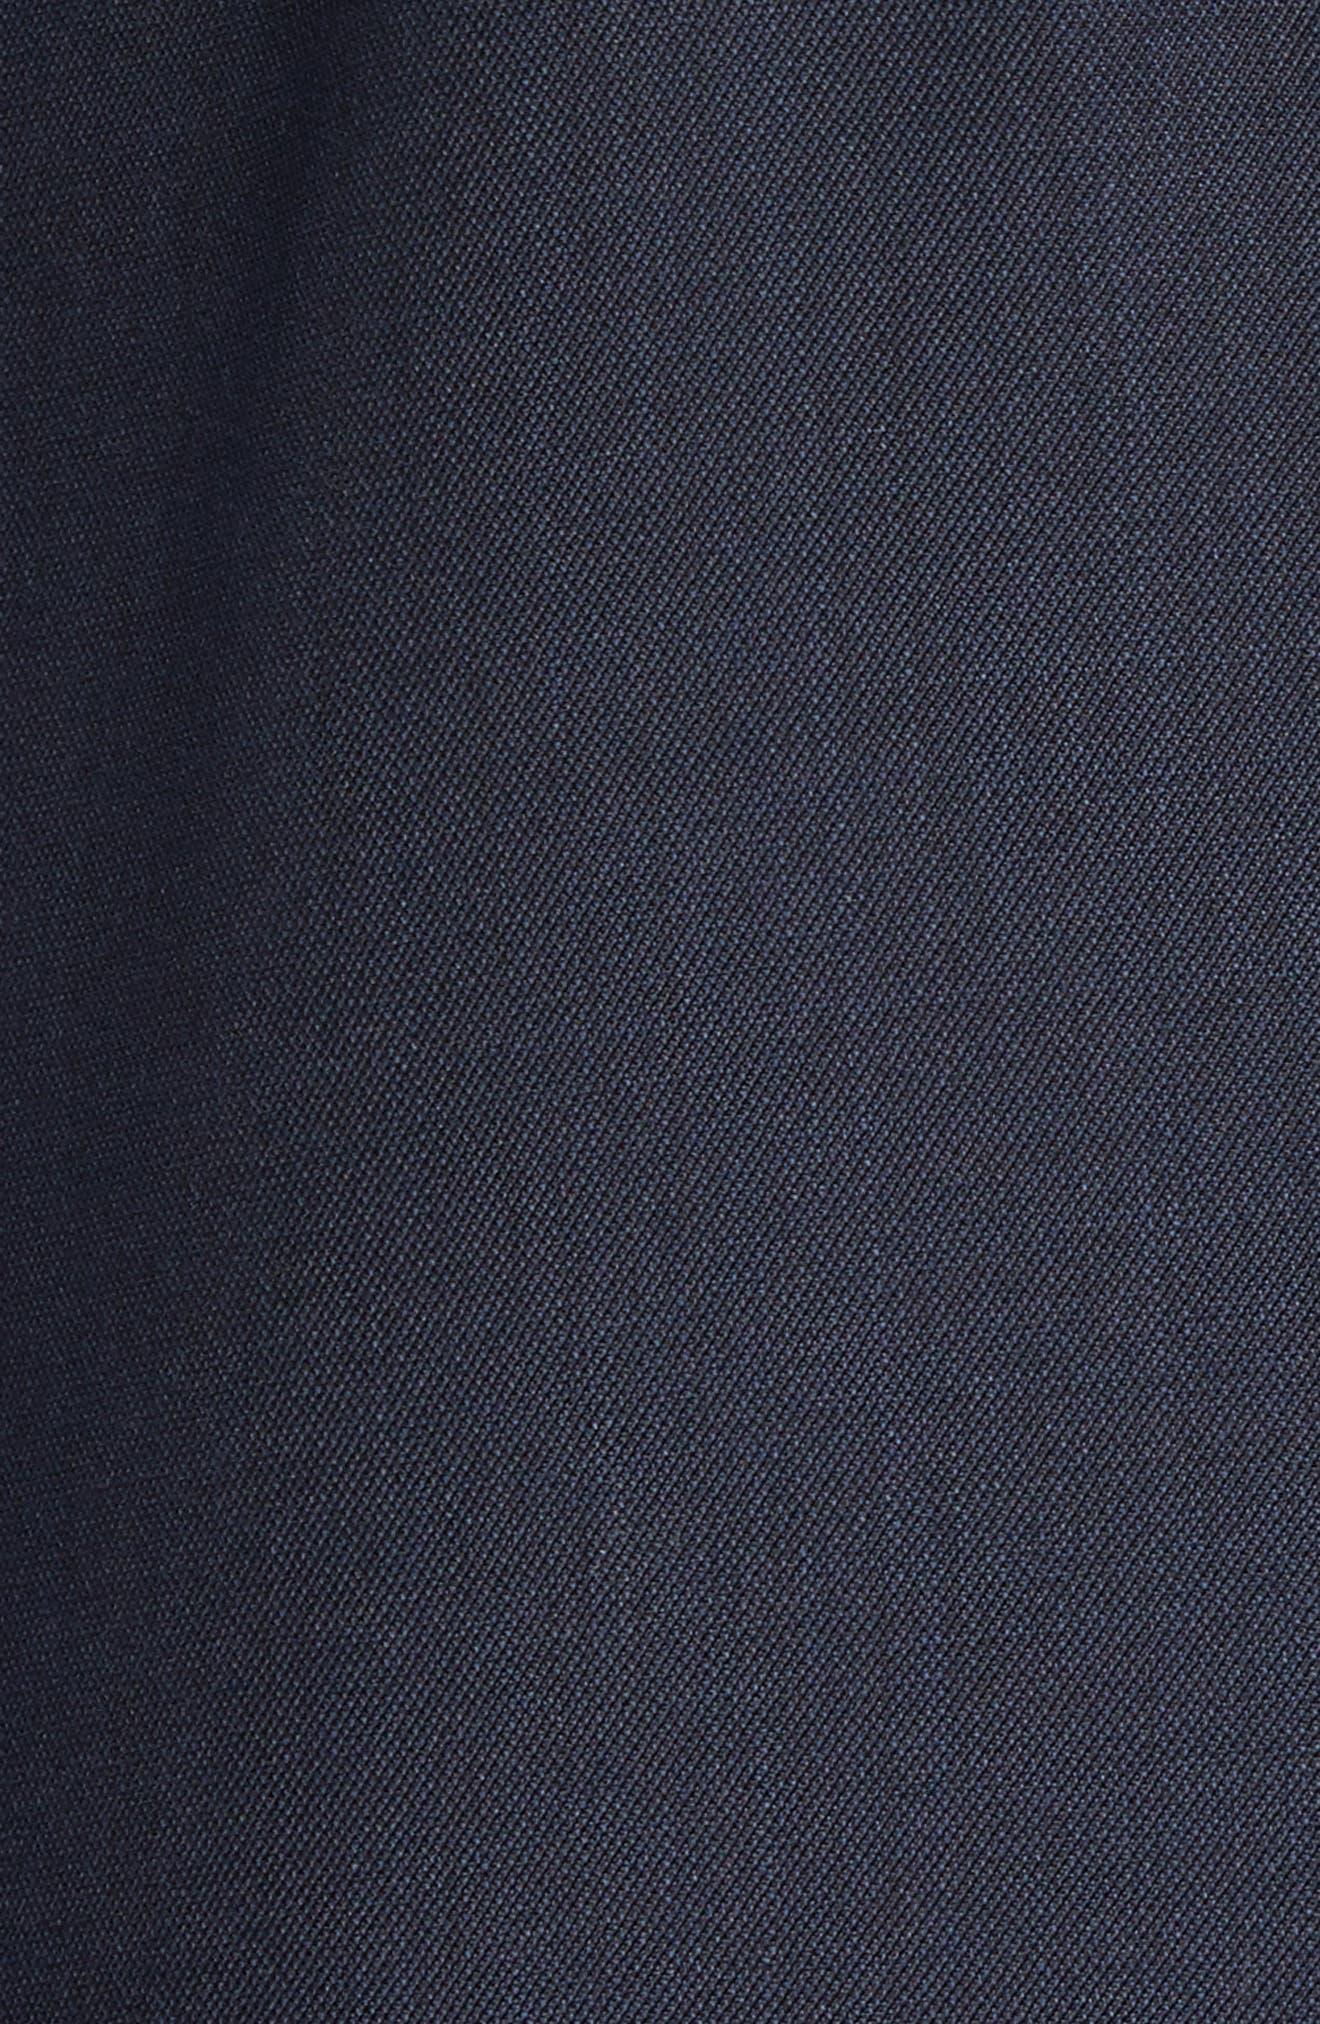 Jones Trim Fit Wool Vest,                             Alternate thumbnail 25, color,